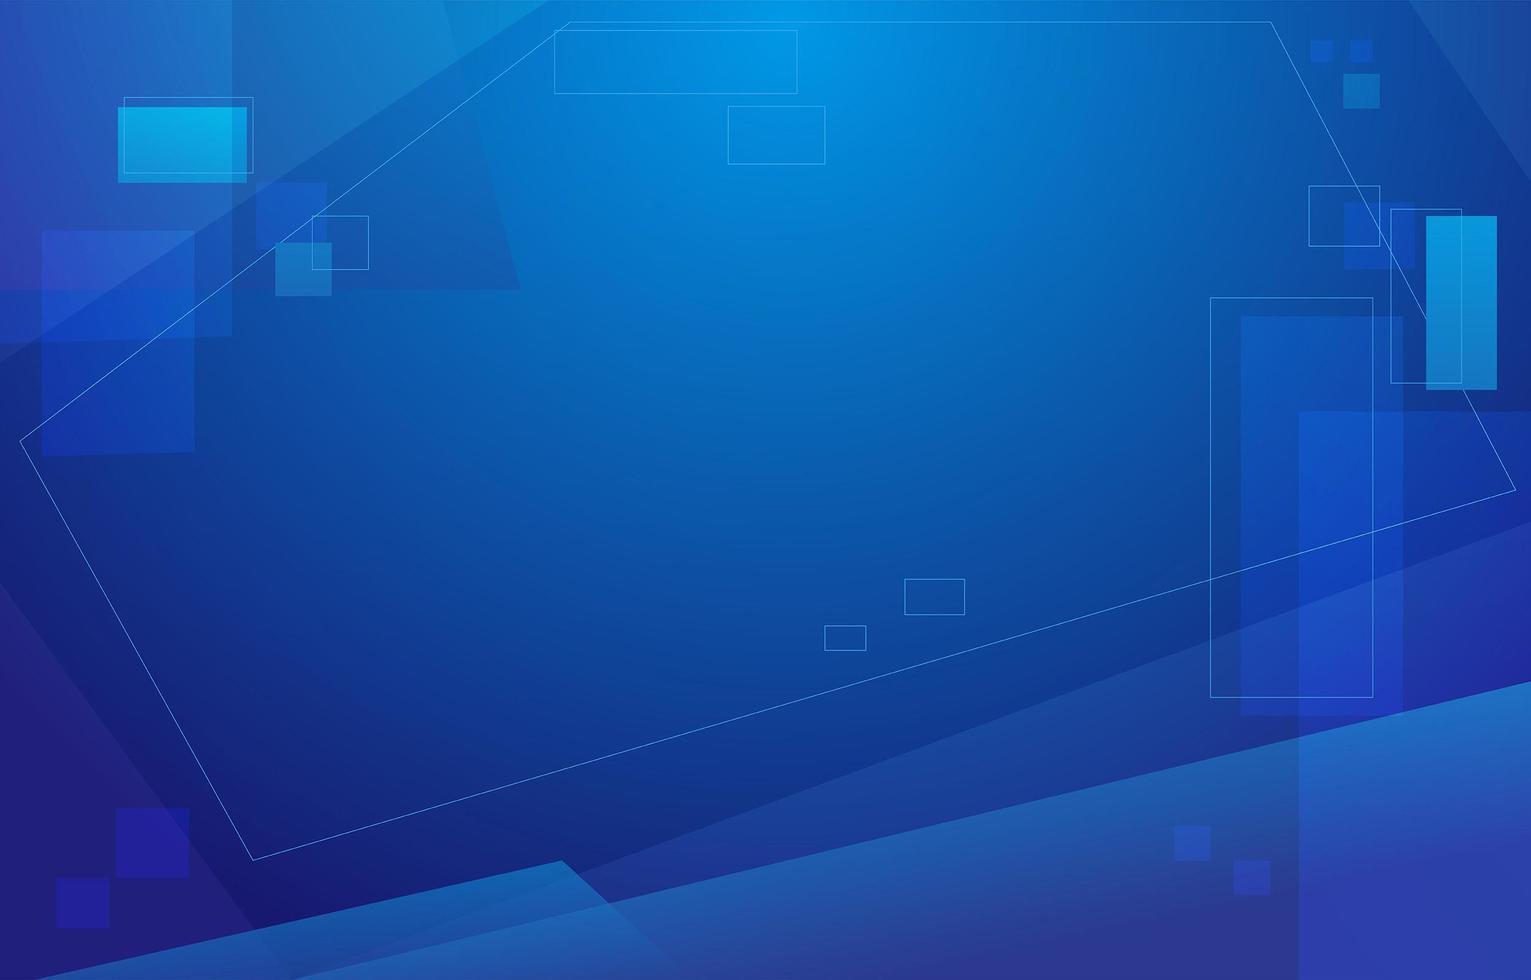 geometrische vierkante blauwe achtergrond vector